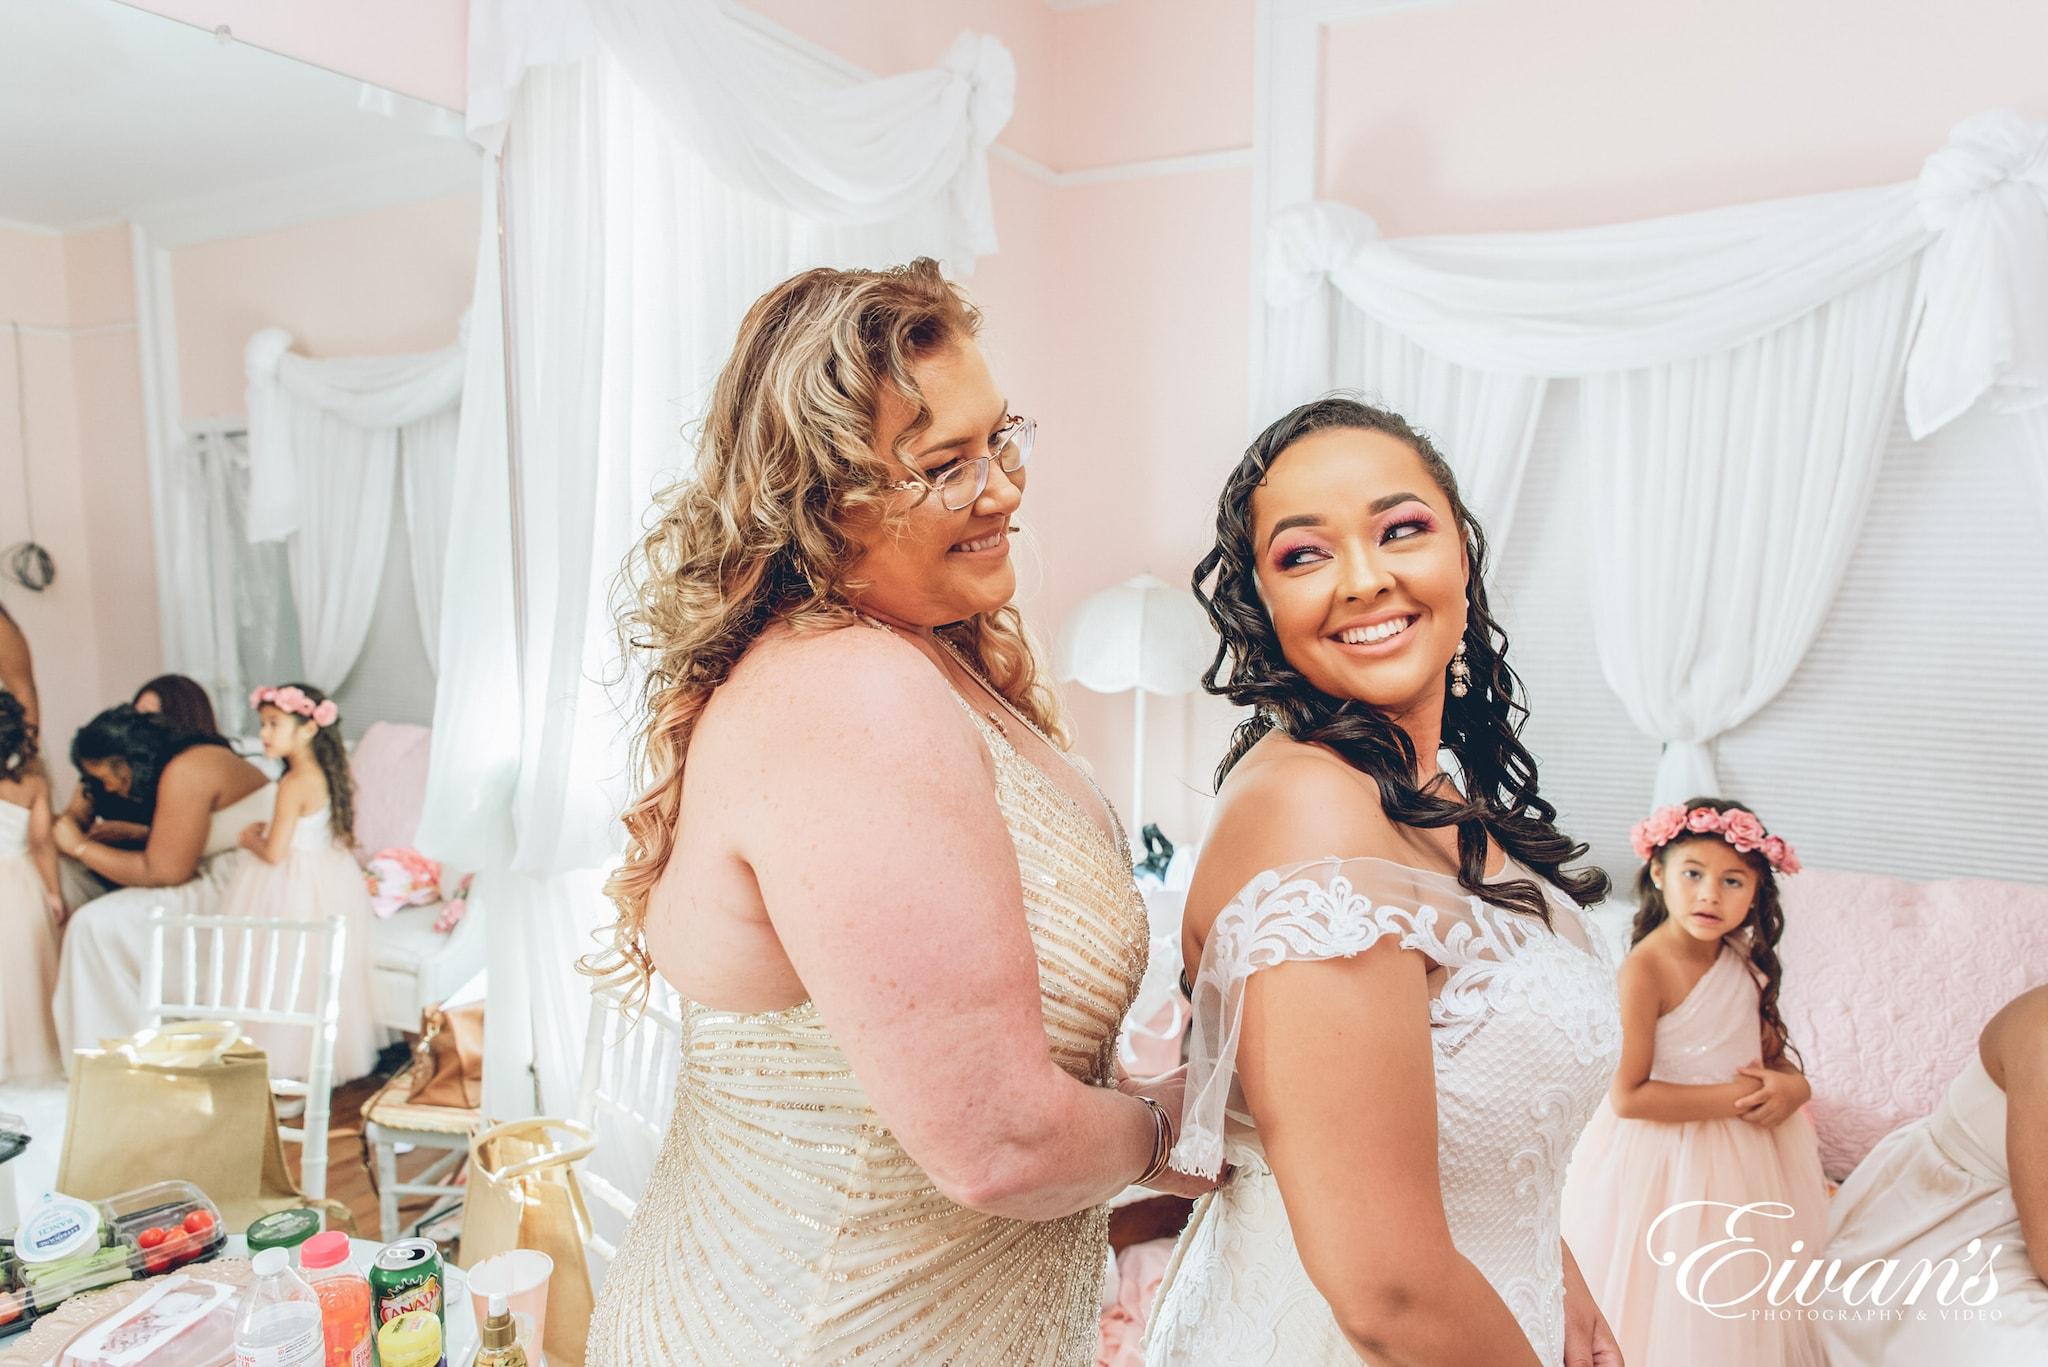 2 women in white tank top smiling